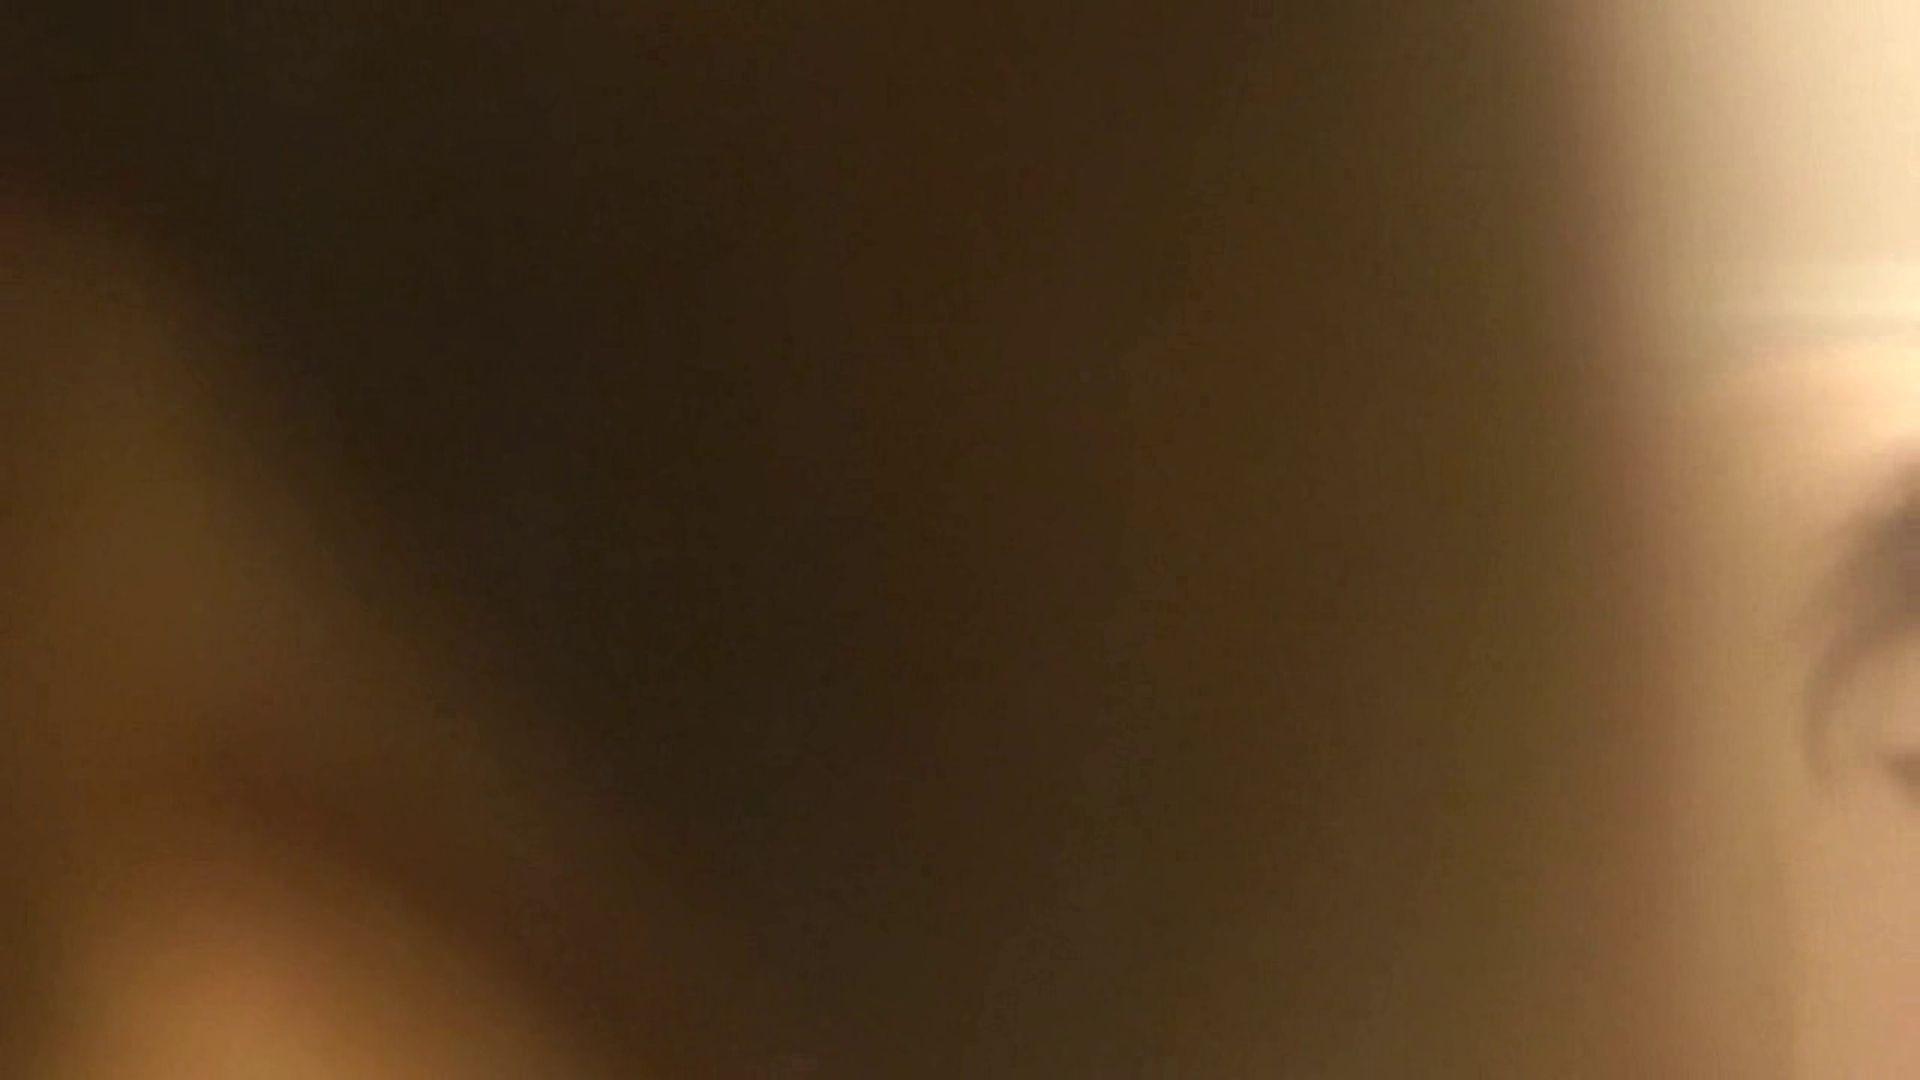 vol.1 Mayumi 窓越しに入浴シーン撮影に成功 OL   入浴シーン  89連発 4